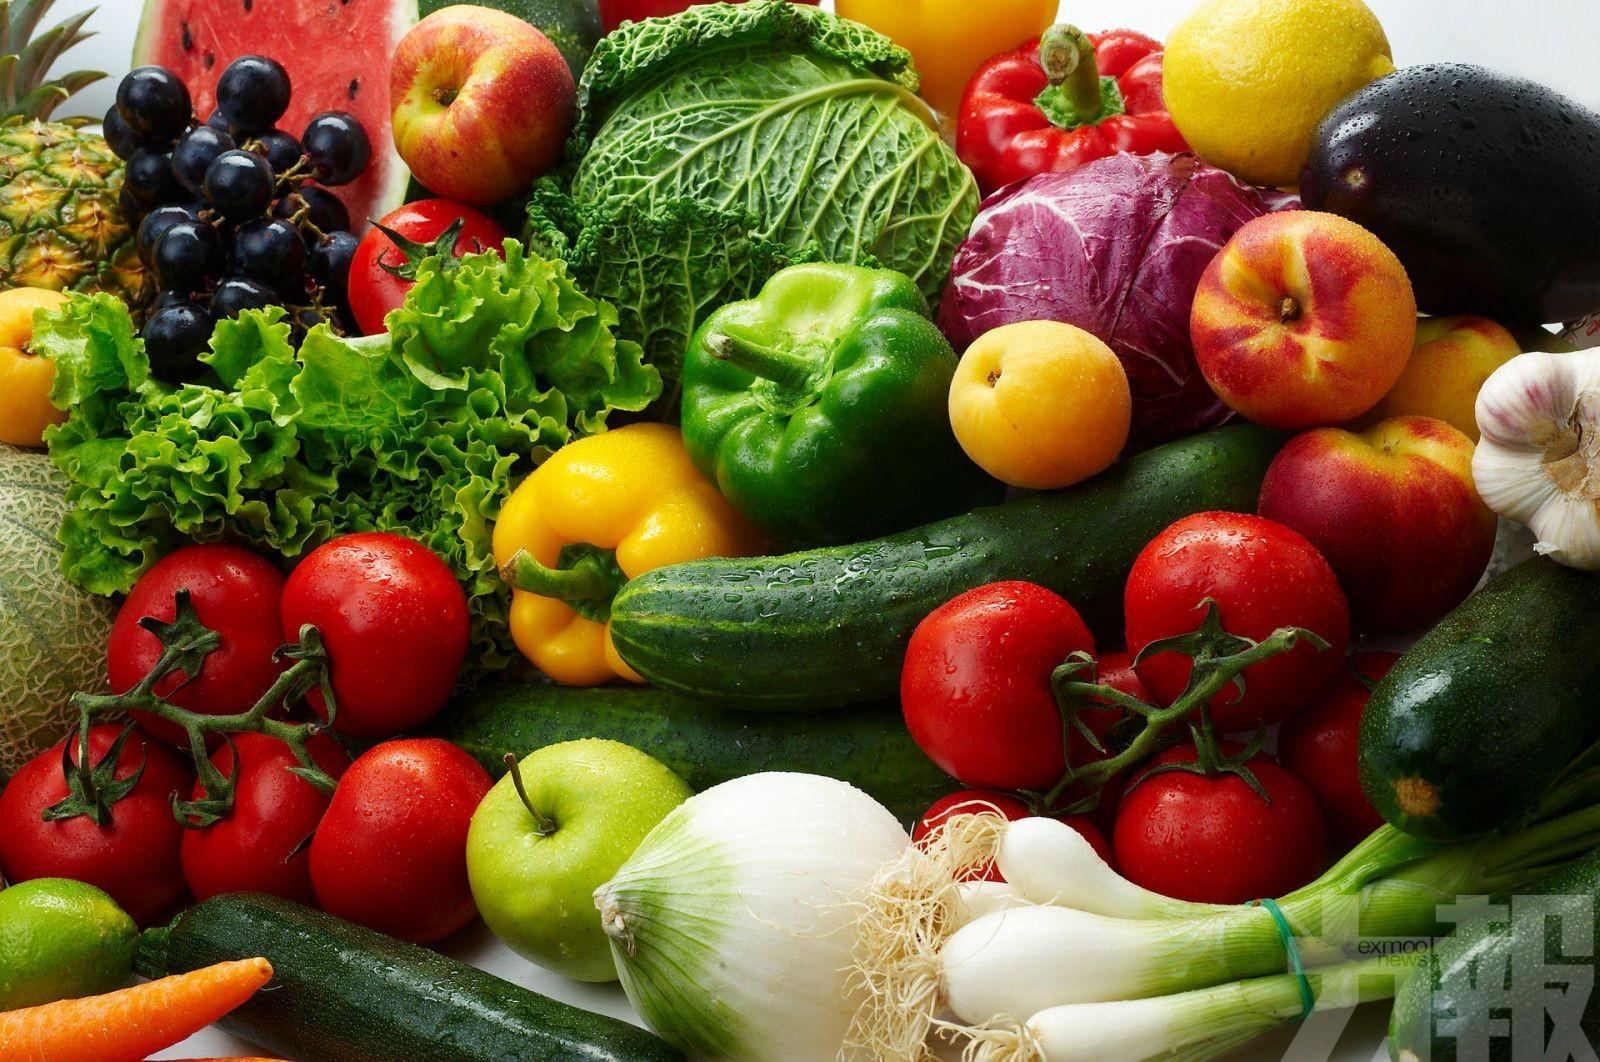 蔬菜價格高於去年 惟漲幅有限